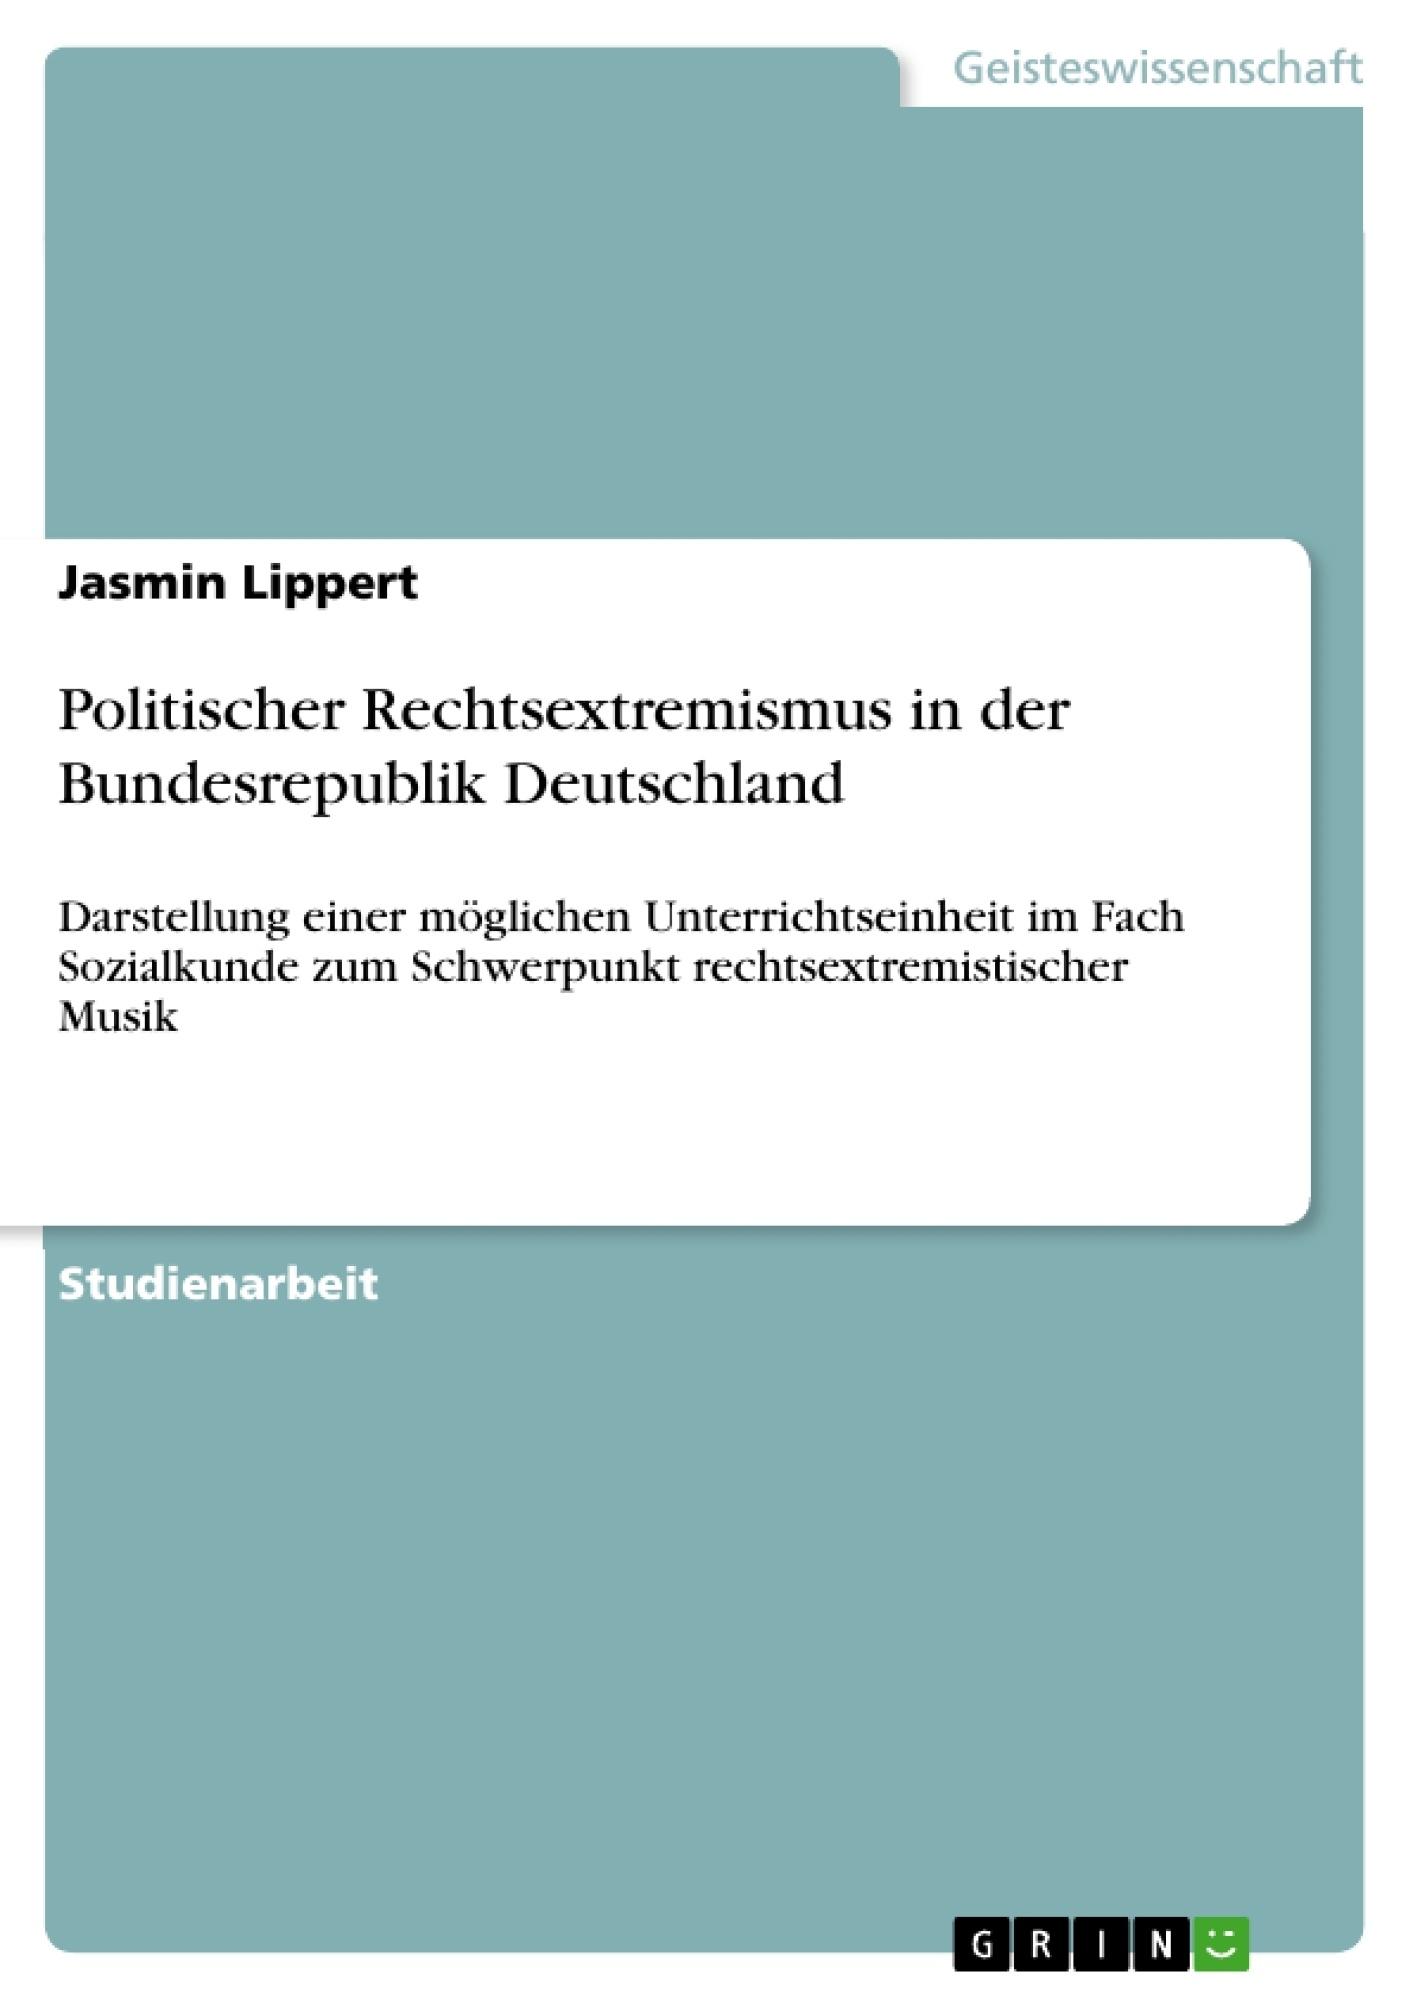 Titel: Politischer Rechtsextremismus in der Bundesrepublik Deutschland